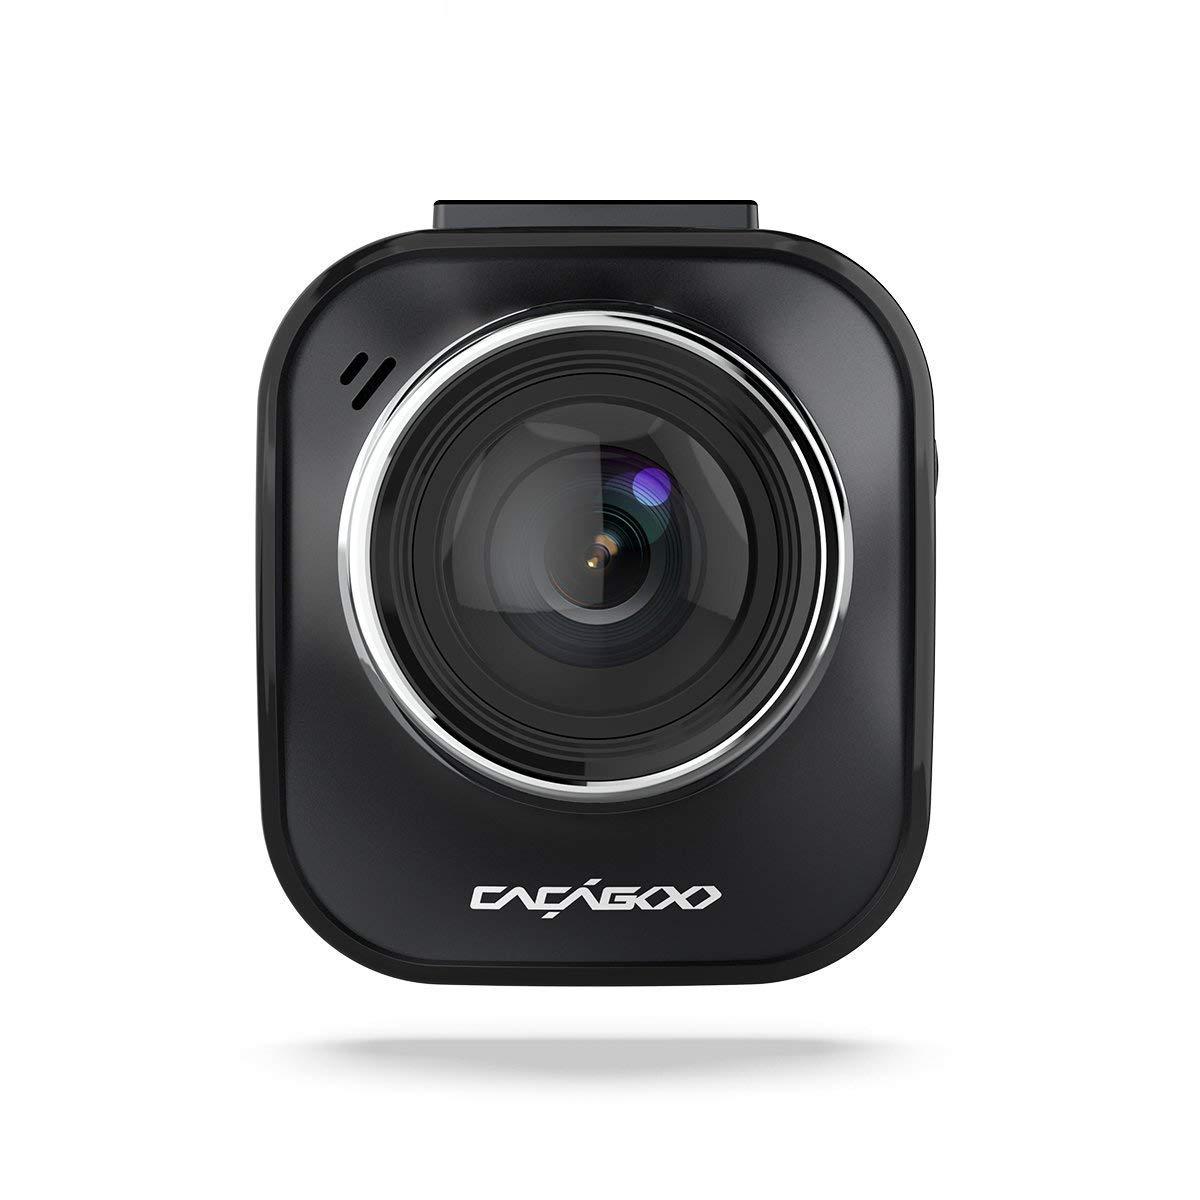 CACAGOO Dash Cam Auto Kameras im Auto Dashcam FHD 1080P DVR Digital fahren Video Recorder mit 170 ° Weitwinkel 6G Objektiv HDR Super Nachtsicht Loop Aufnahme G-Sensor Parkplatz Monitor Bewegungserkennung